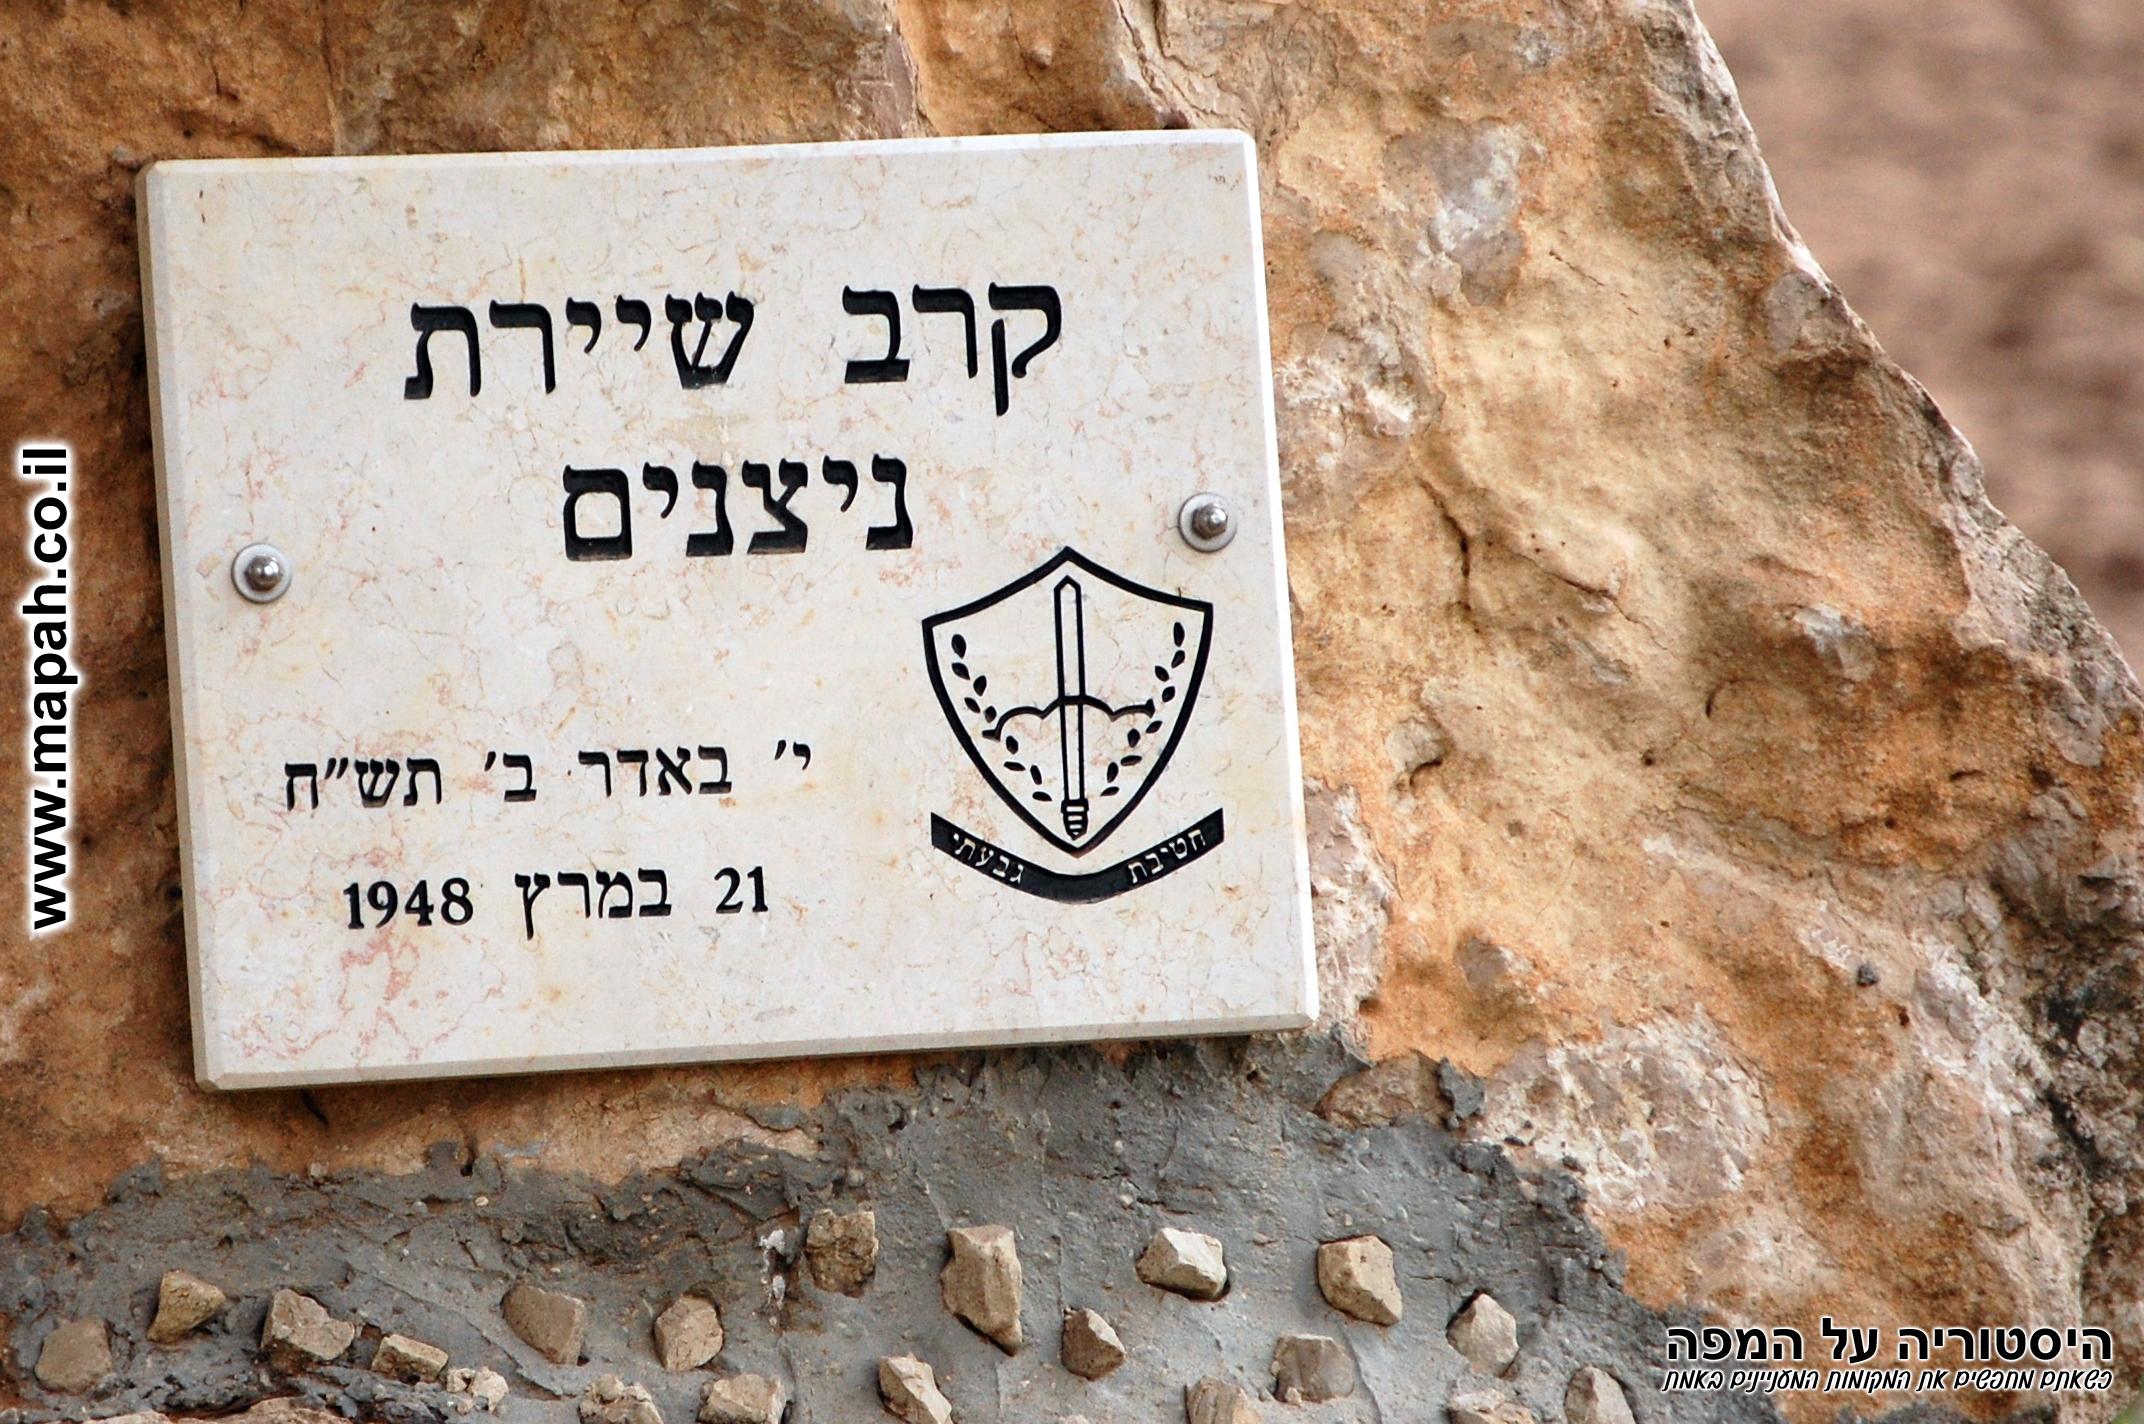 קרב שיירת ניצנים - כביש 232 - צילום: אפי אליאן